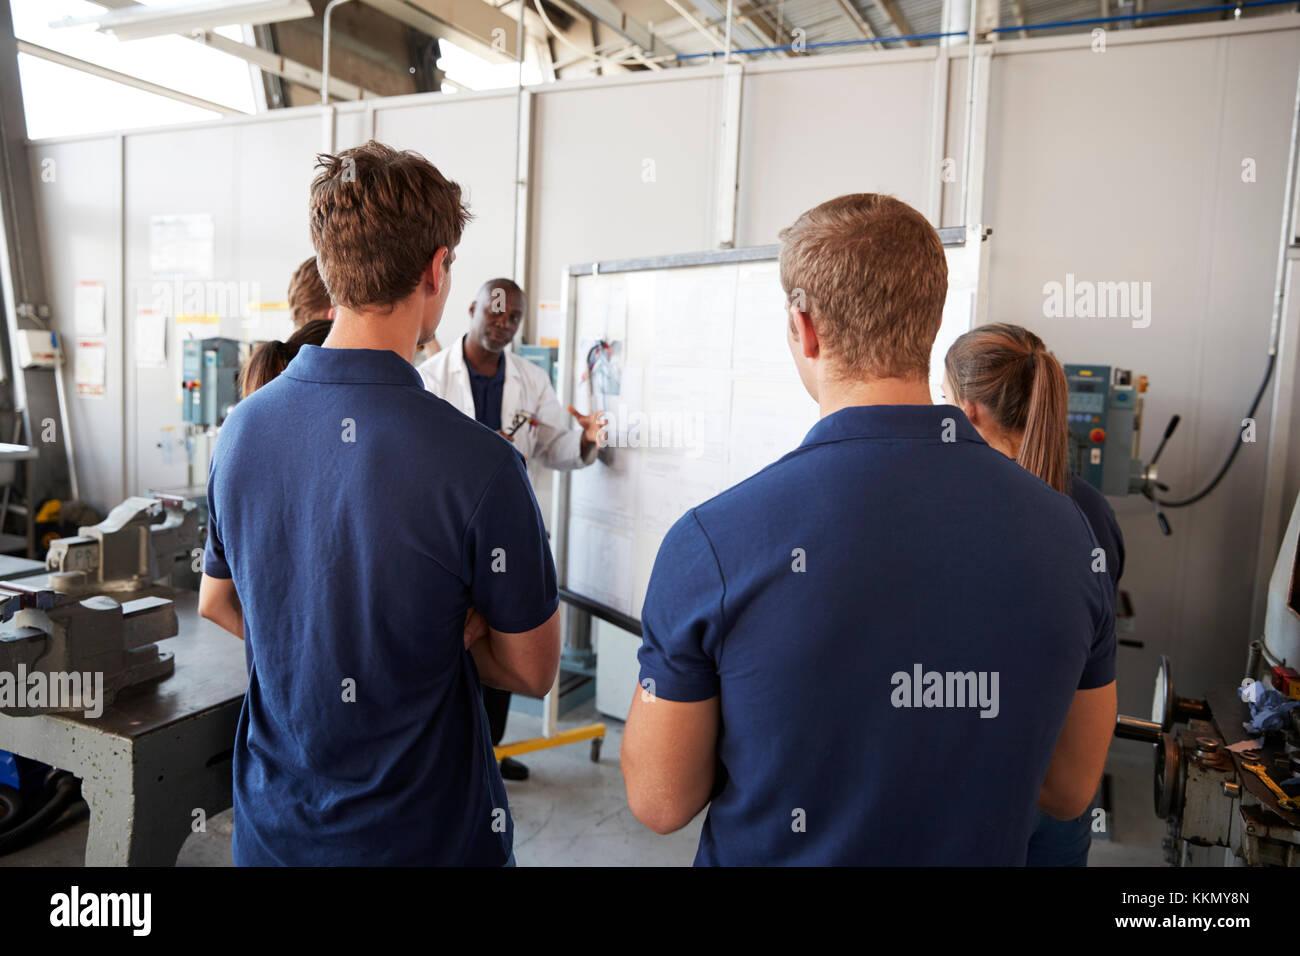 Los aprendices de ingeniería en una presentación de un curso de formación, vista posterior Imagen De Stock